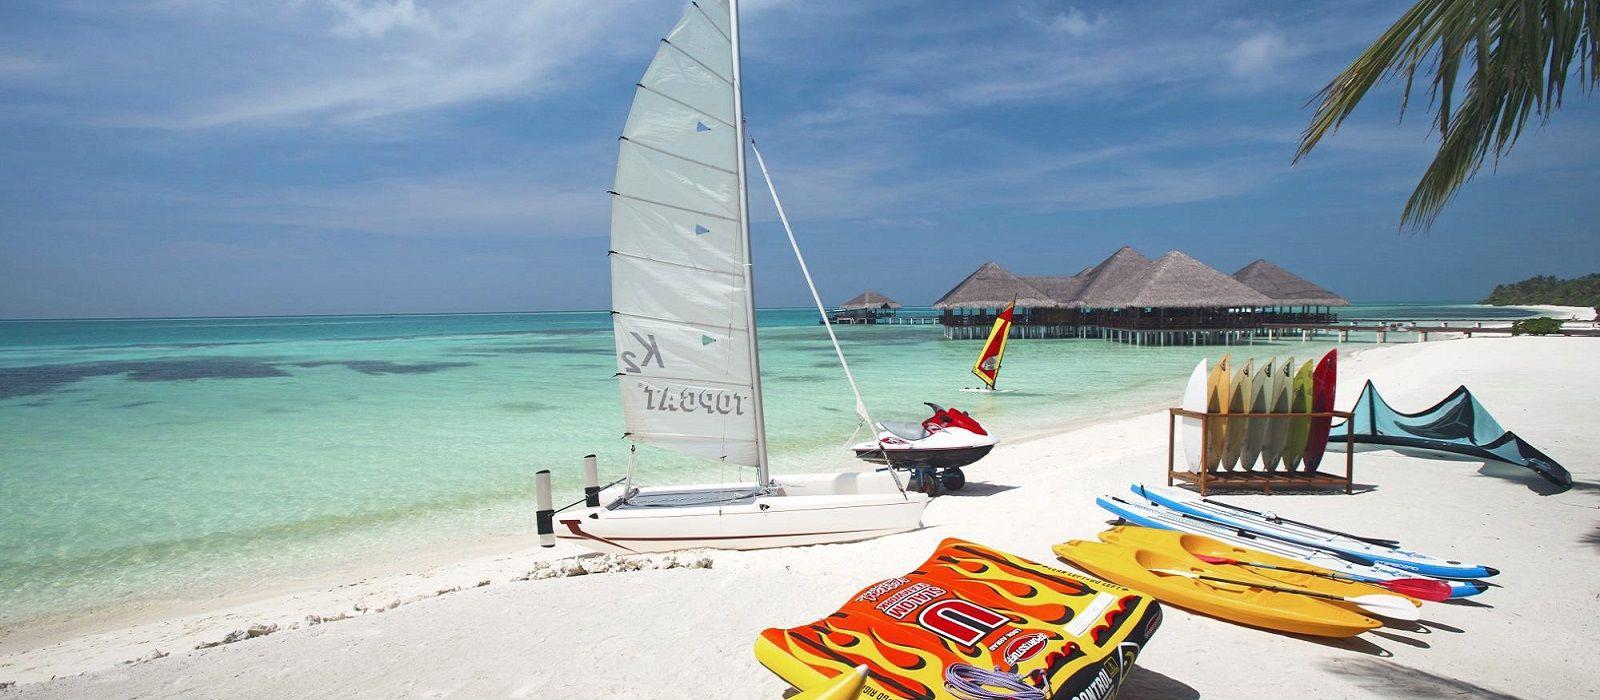 Surreal Sands: Dubai & Maldives Tour Trip 2